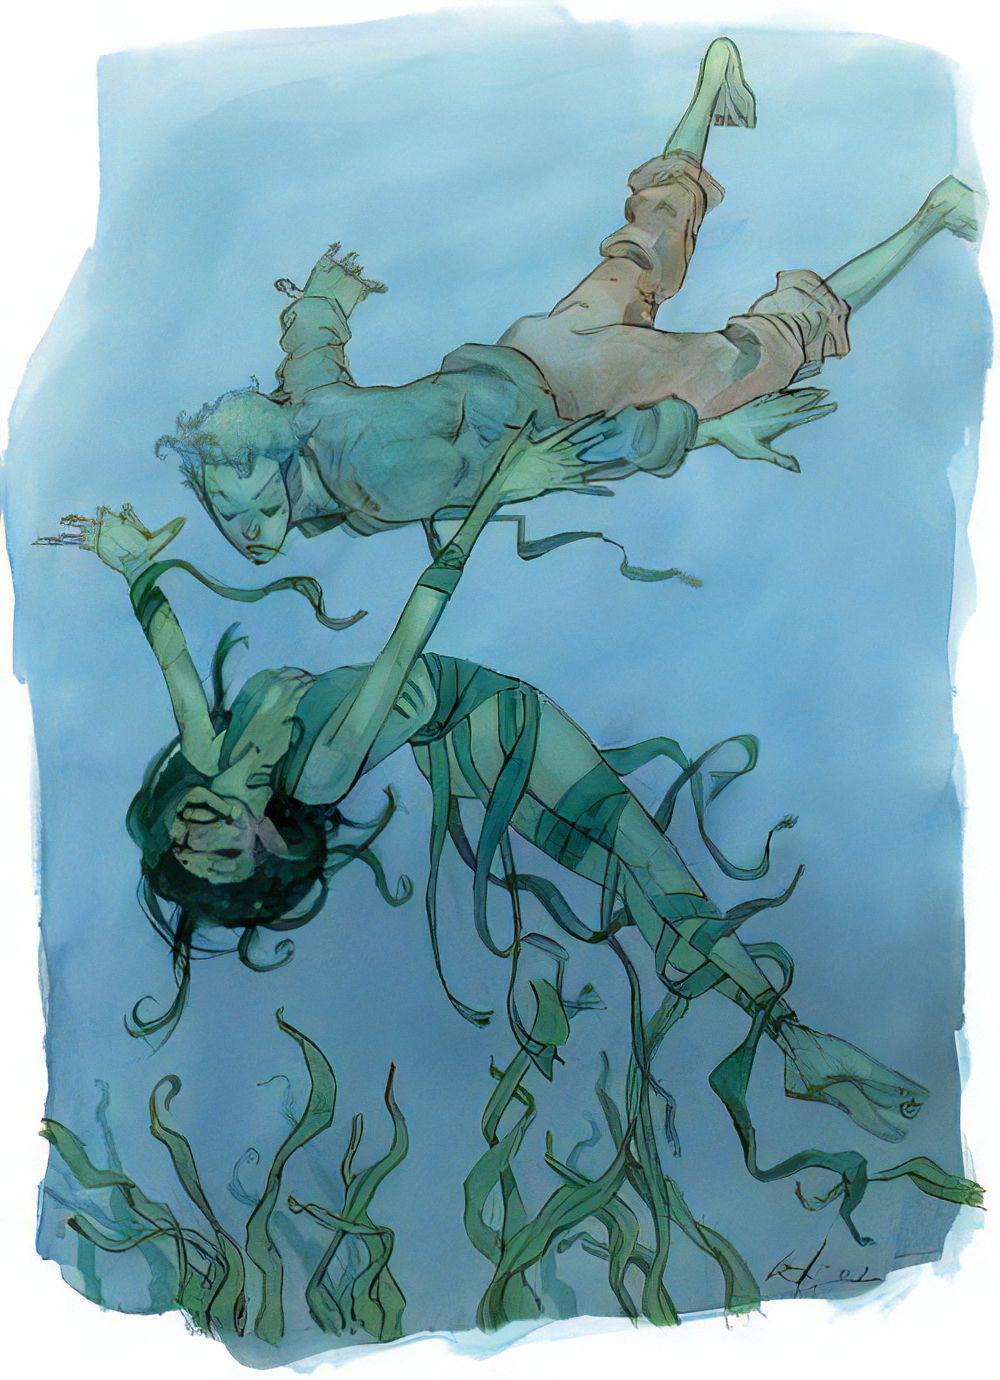 From the Sorcerer's Skull: Aquatic Elves for 5e